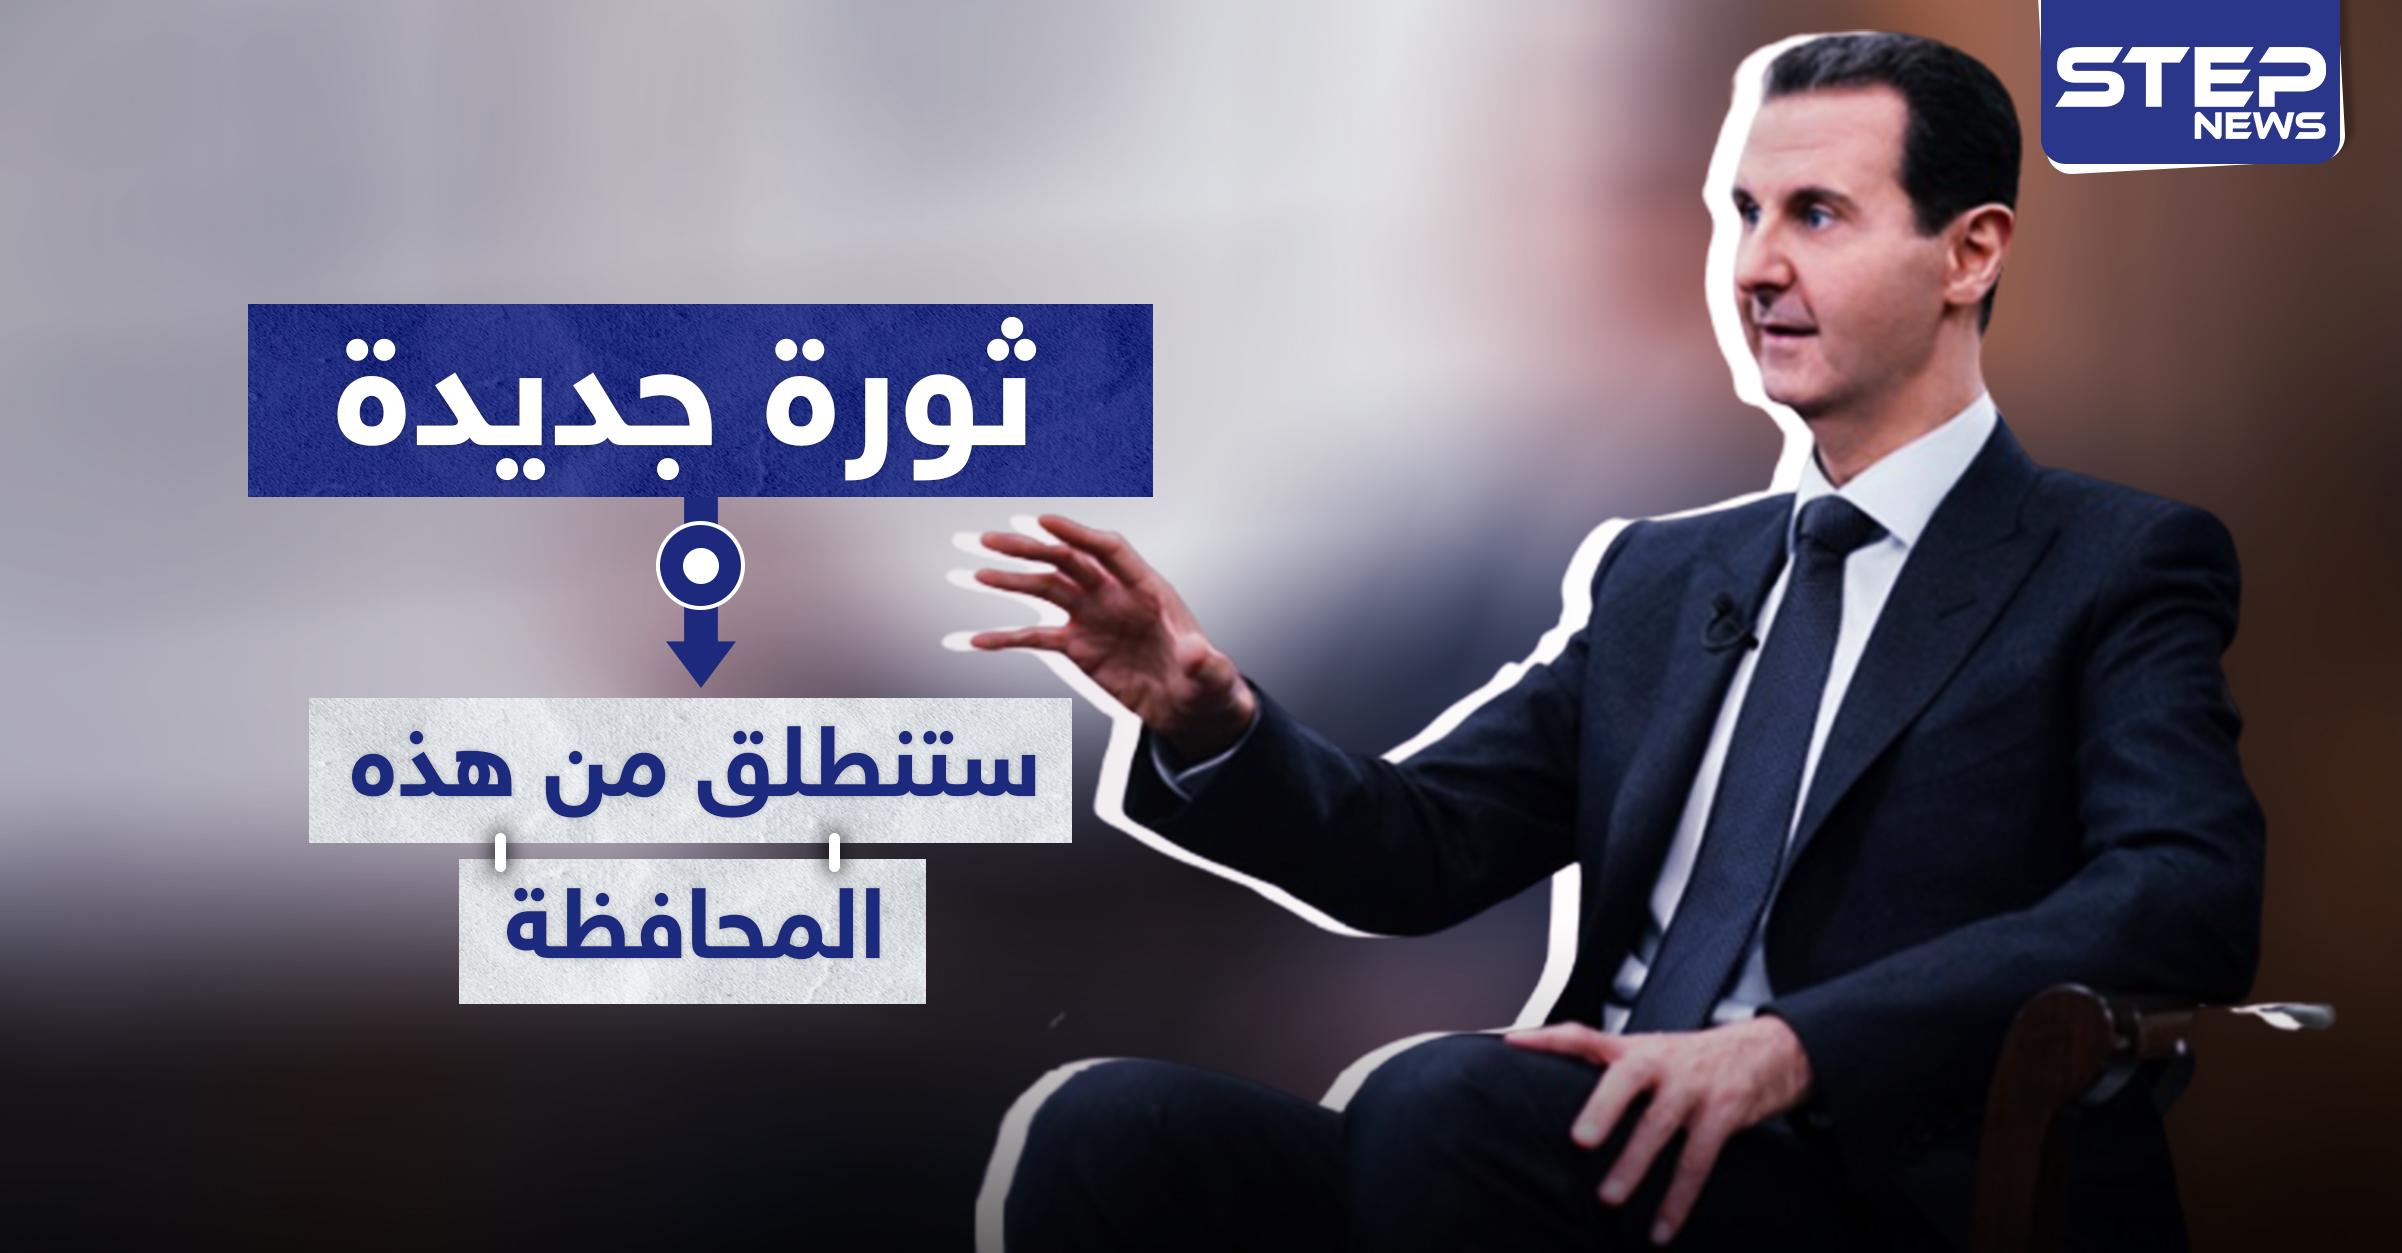 تقرير أمريكي: بشار الأسد أمام تحدٍّ كبير.. وبانتظاره ثورة جديدة ستنطلق من هذه المحافظة